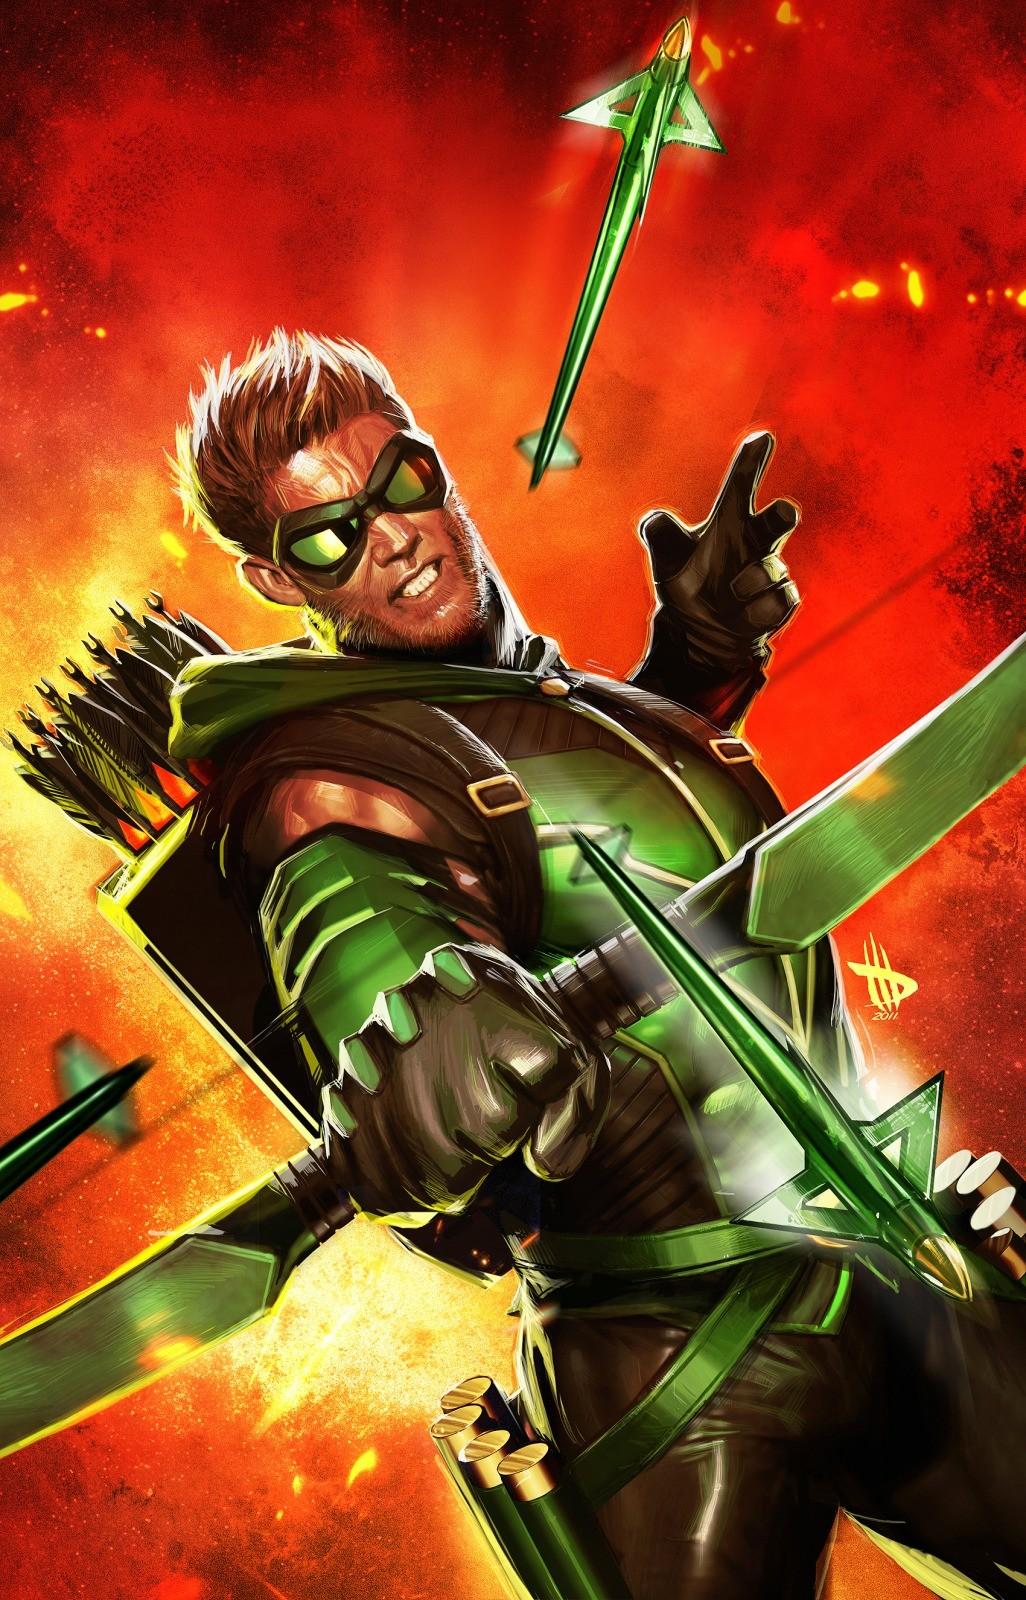 Wallpaper 1026x1600 DC Comics Superheroes Justice League Green 1026x1600